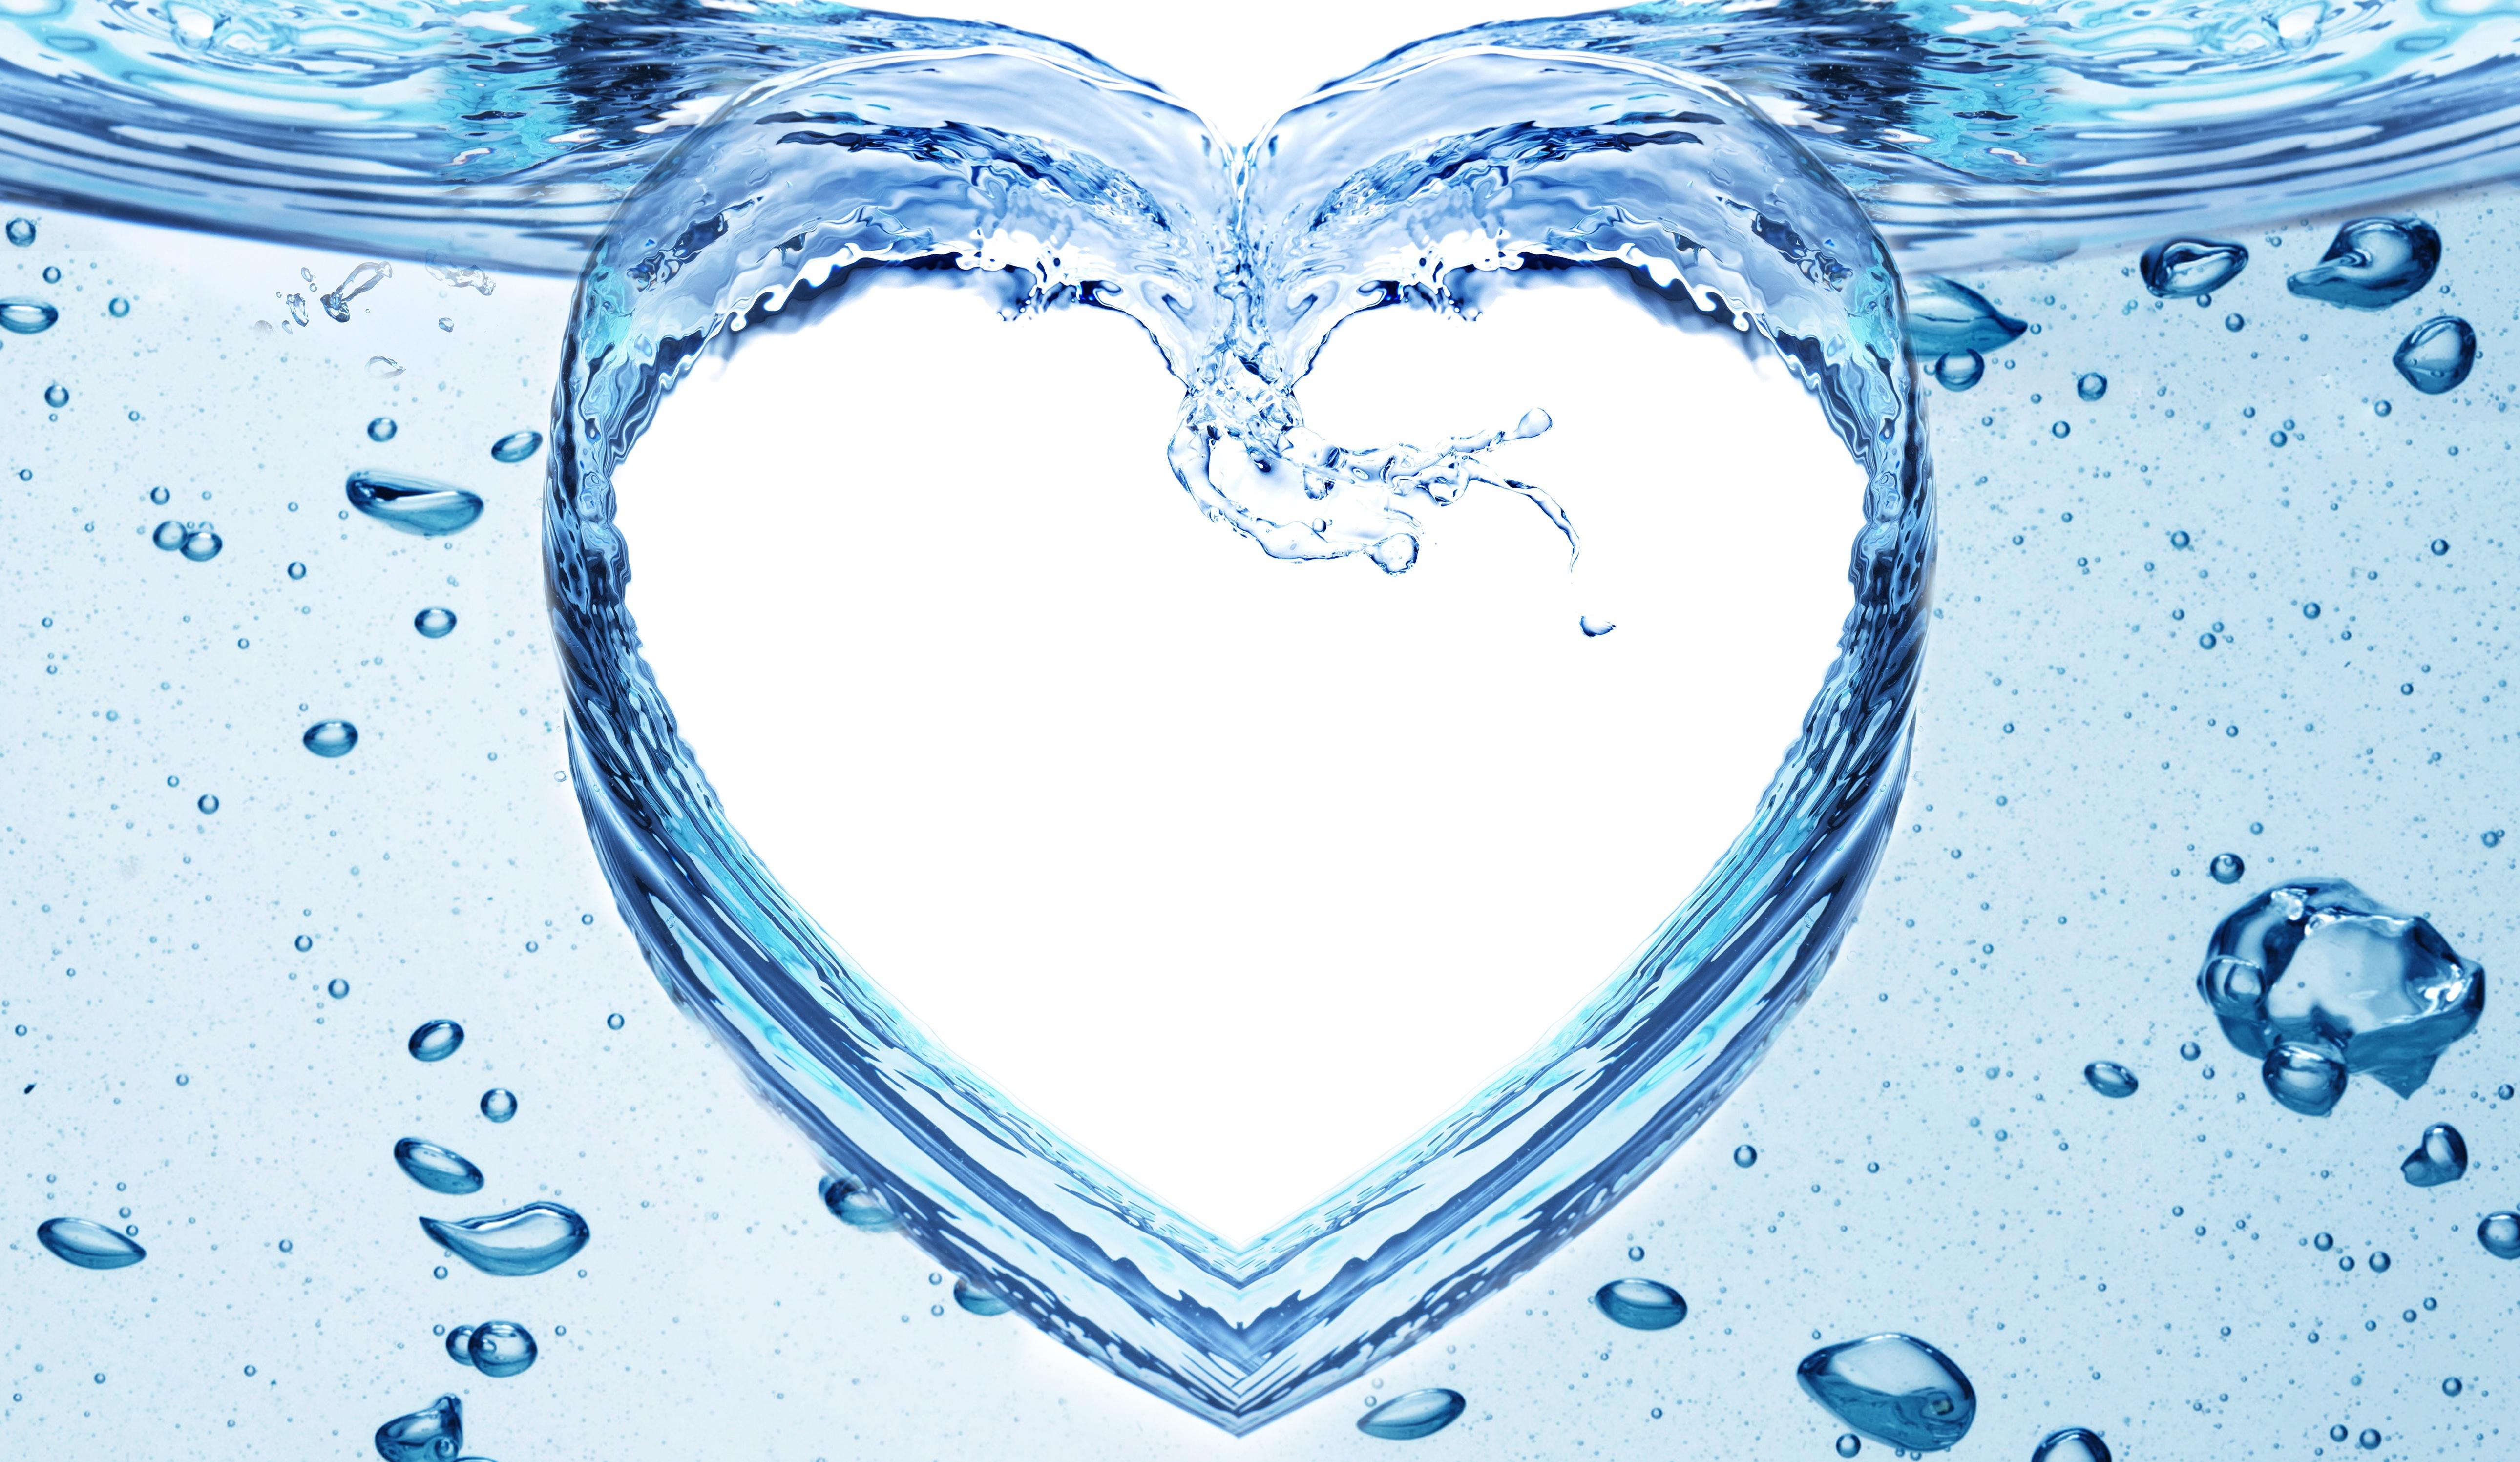 Bubble Water 5160x2994